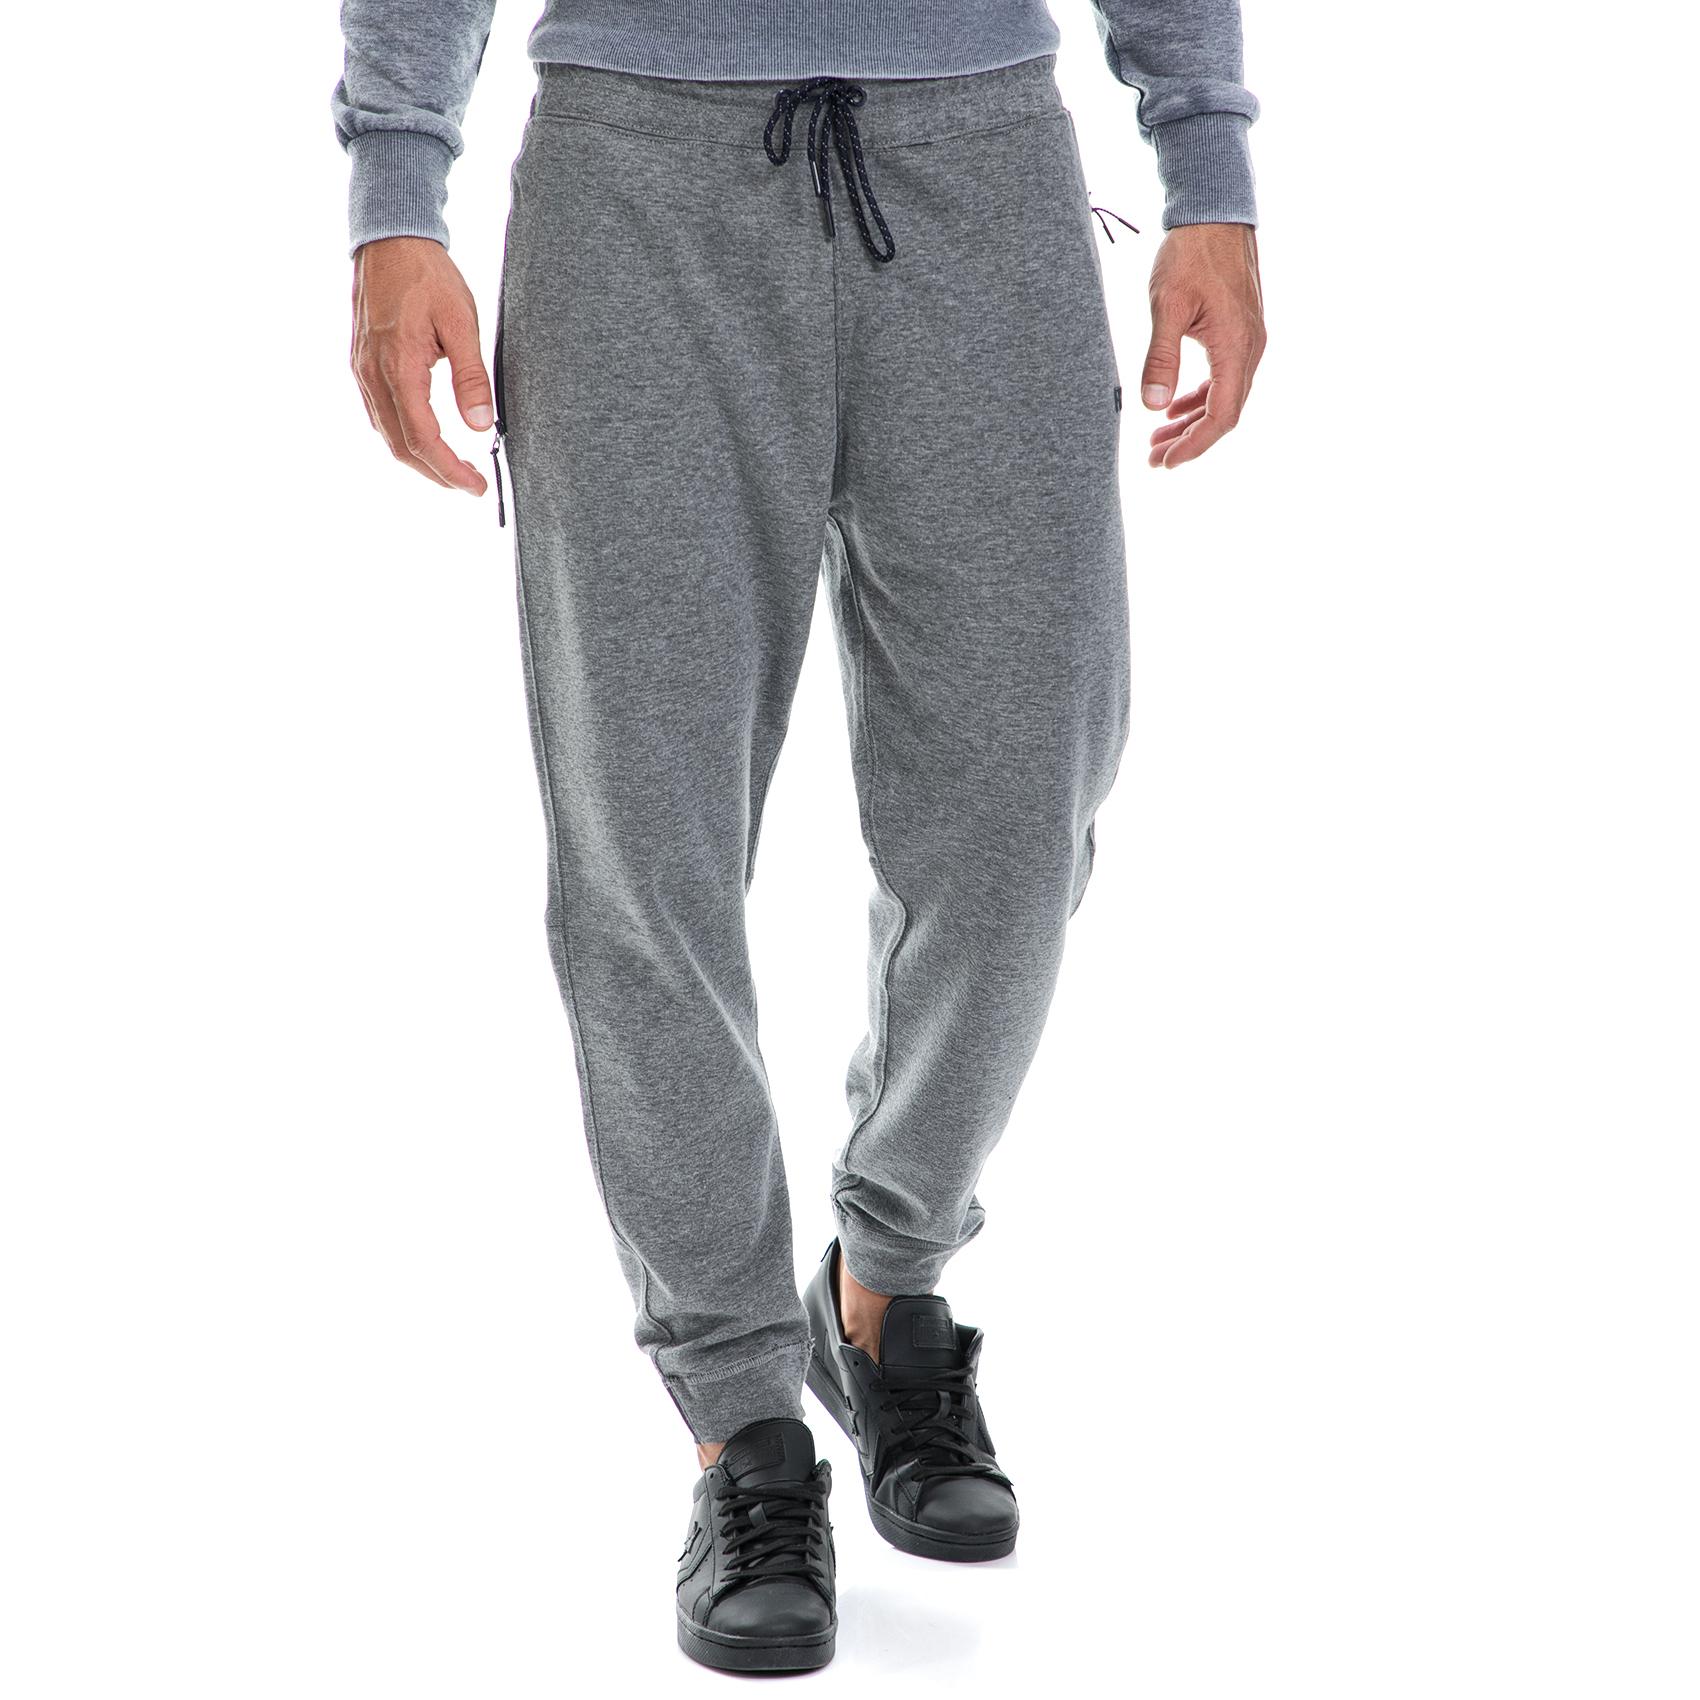 FUNKY BUDDA - Ανδρικό παντελόνι/φόρμα FUNKY BUDDA γκρι ανδρικά ρούχα αθλητικά φόρμες